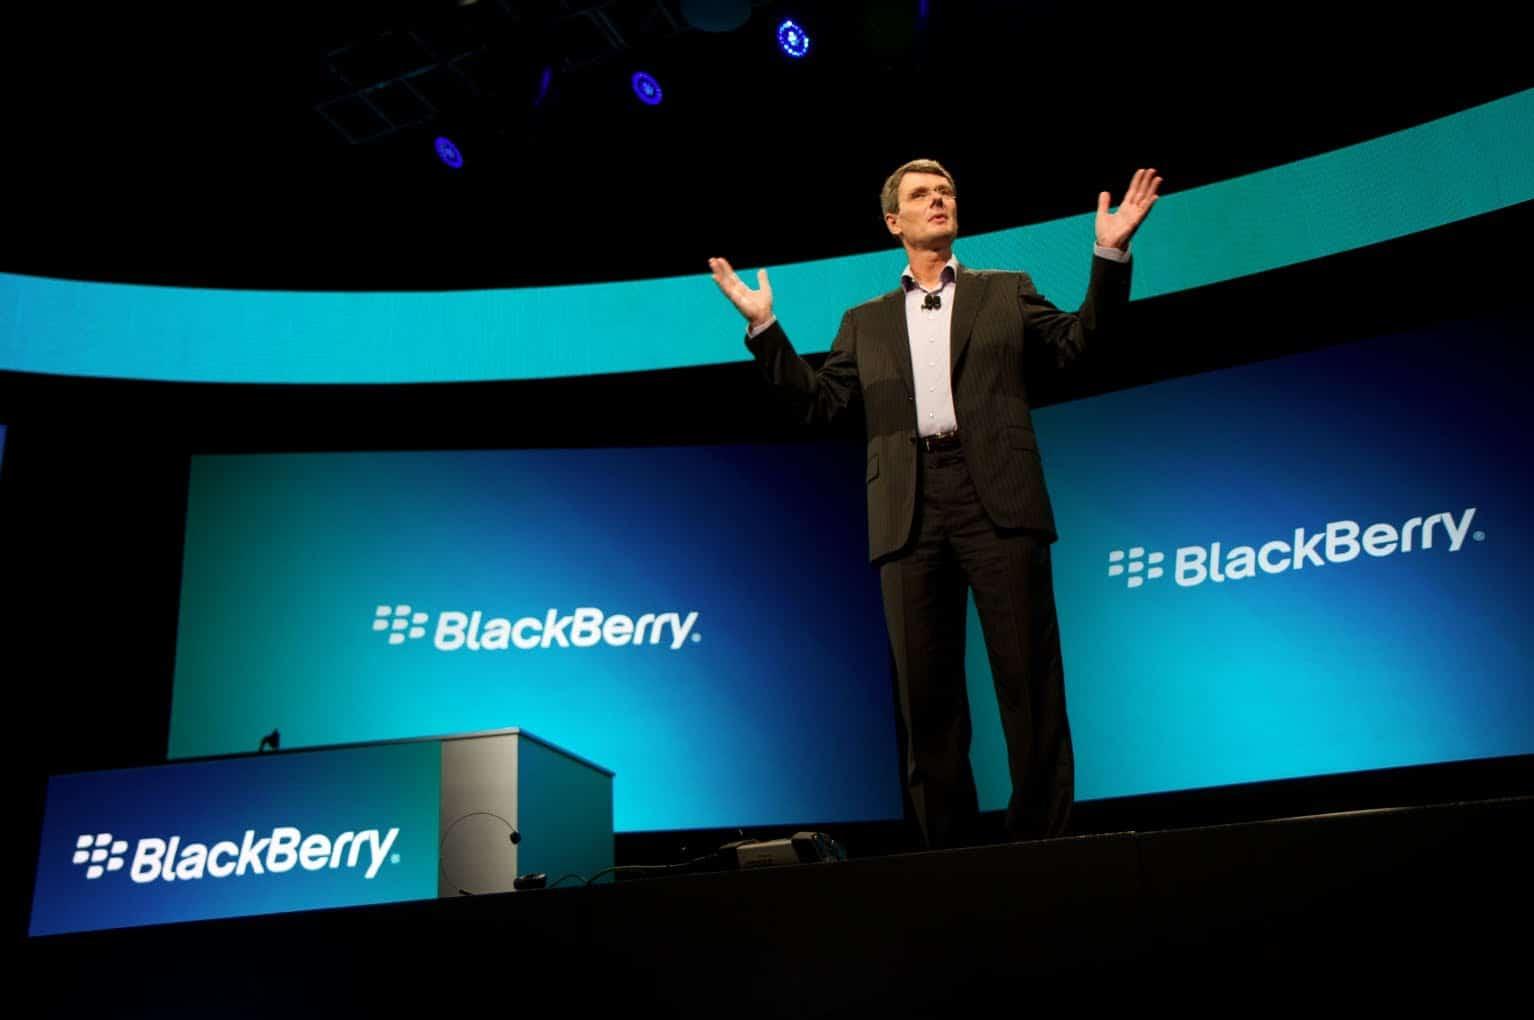 Blackberry continúa siendo una compra atractiva para otras empresas, ahora es el caso de Samsung.